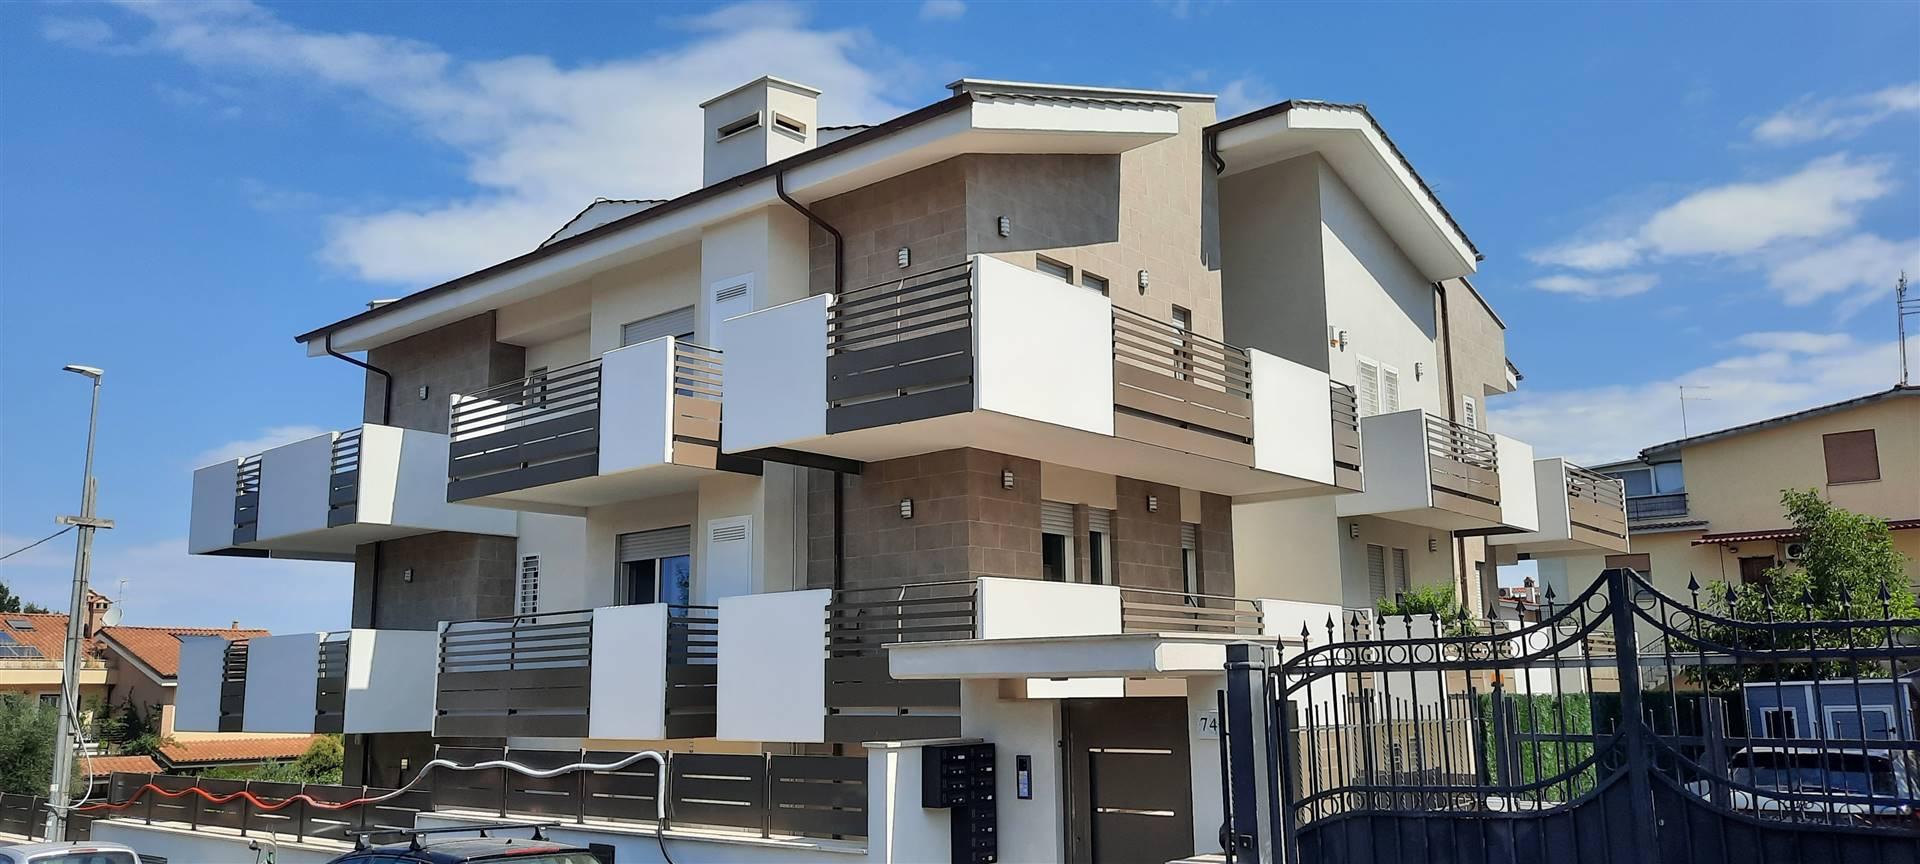 ROMA, OTTAVIA-SELVA CANDIDA, a pochi minuti dal GRA in zona tranquilla, affittiamo un Appartamento di Nuova costruzione mai abitato di circa 50 mq